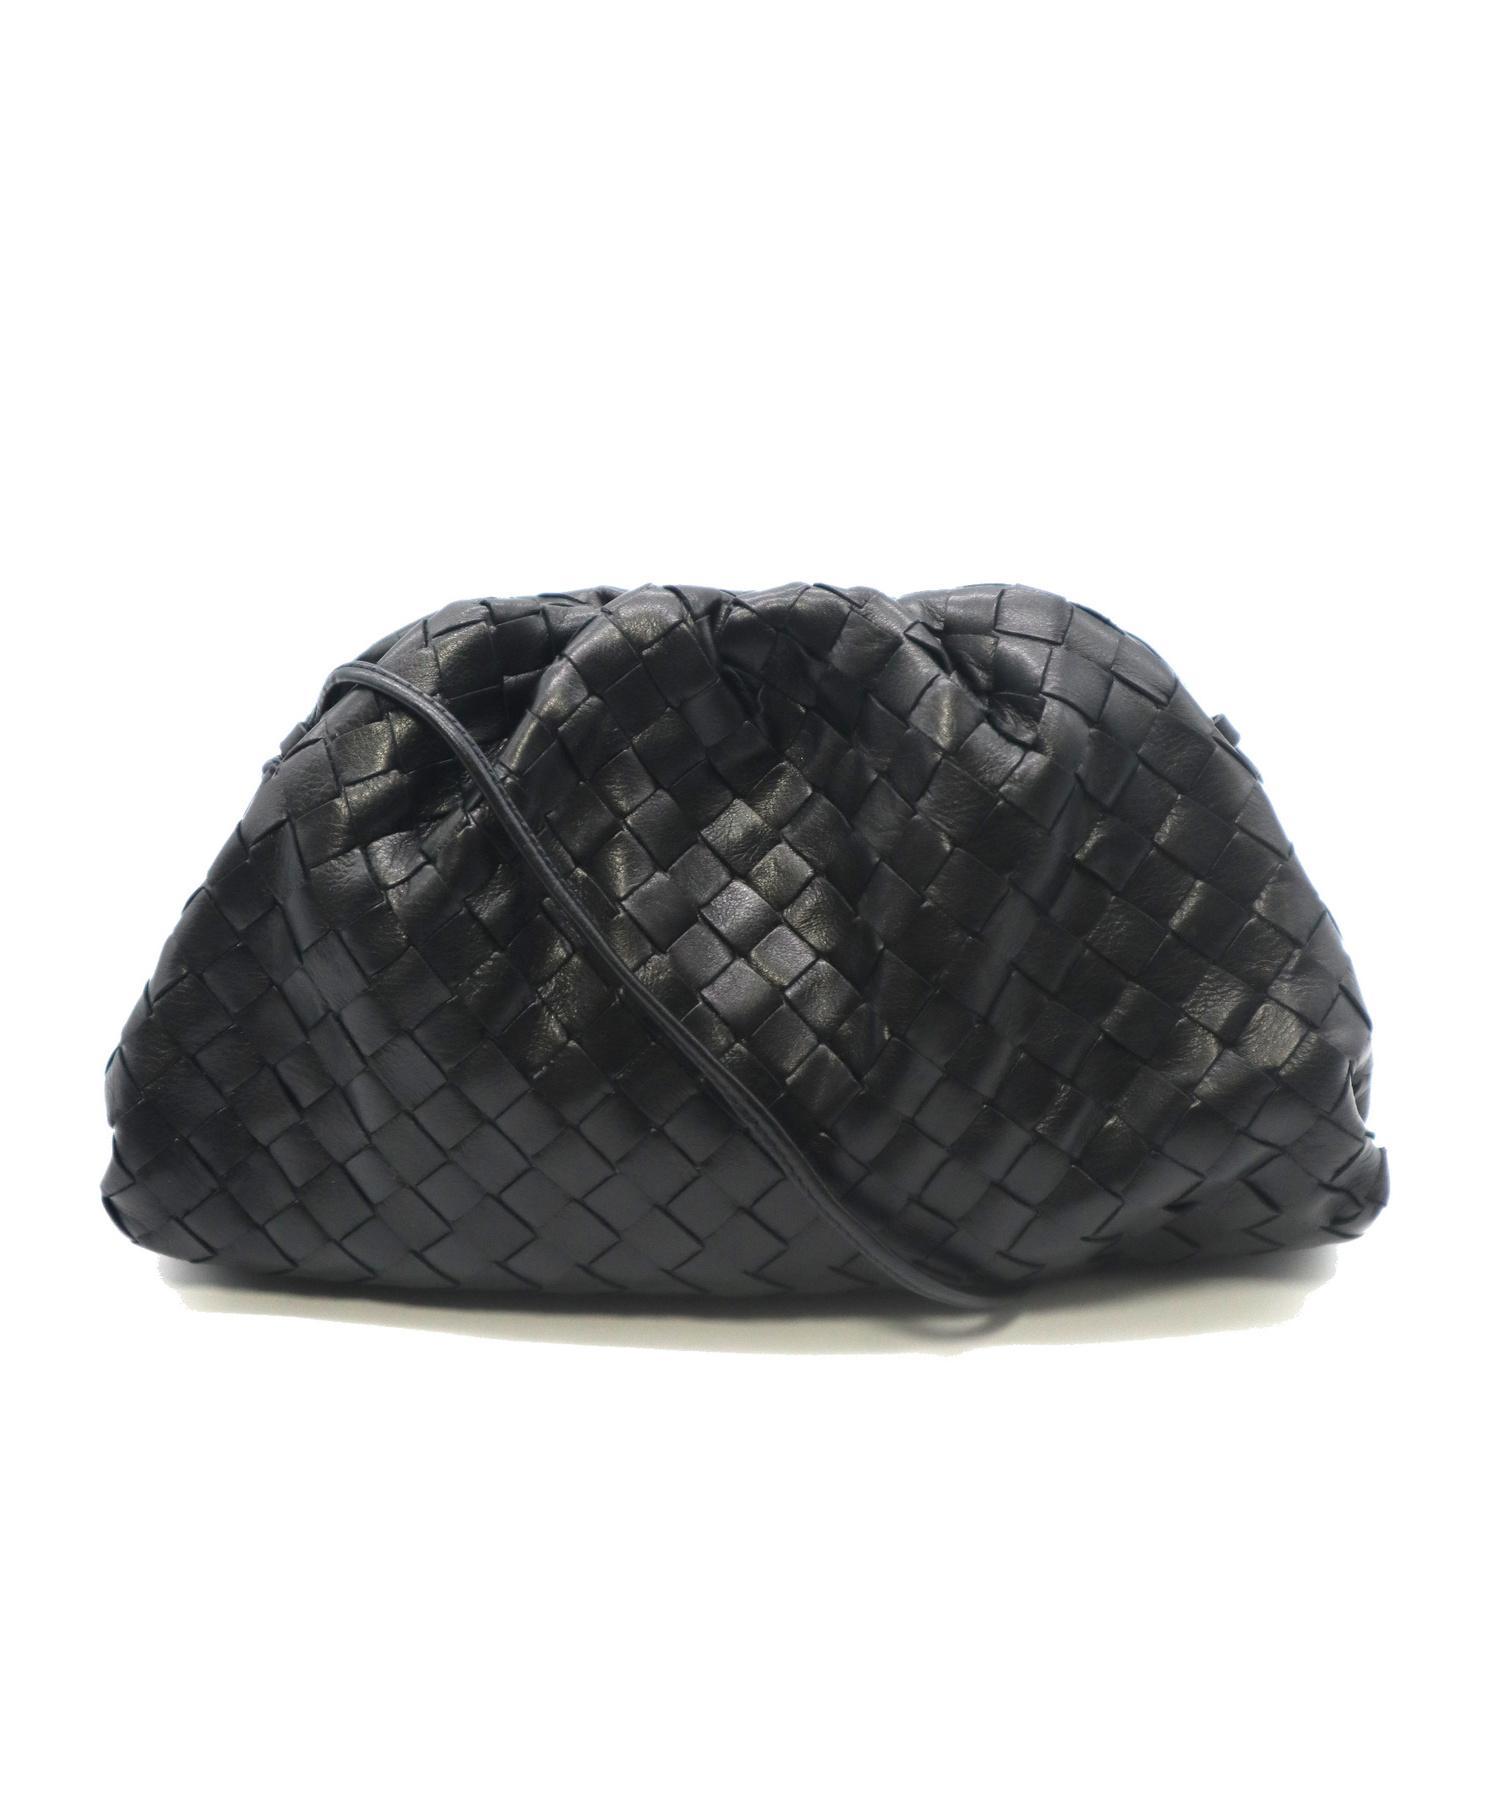 new style 424f2 e3a6c [中古]BOTTEGA VENETA(ボッテガベネタ)のレディース 服飾小物 イントレチャート ナッパ ザ・ポーチ